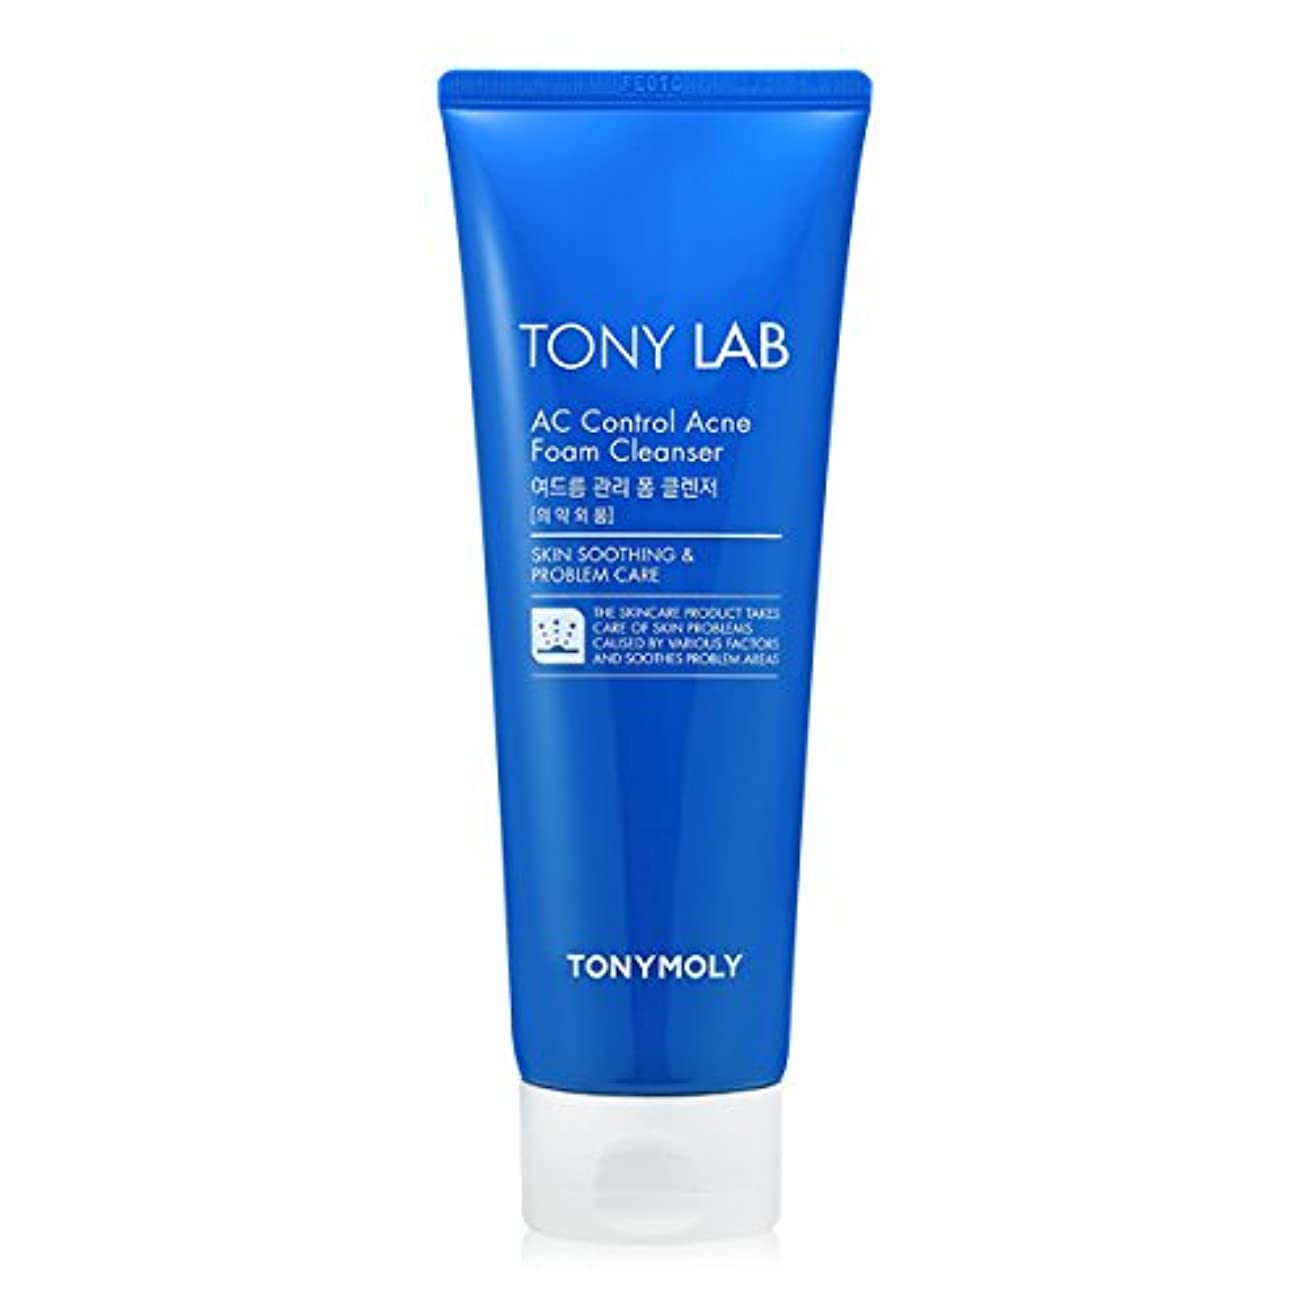 袋抱擁半ば[New] TONYMOLY Tony Lab AC Control Acne Foam Cleanser 150ml/トニーモリー トニー ラボ AC コントロール アクネ フォーム クレンザー 150ml